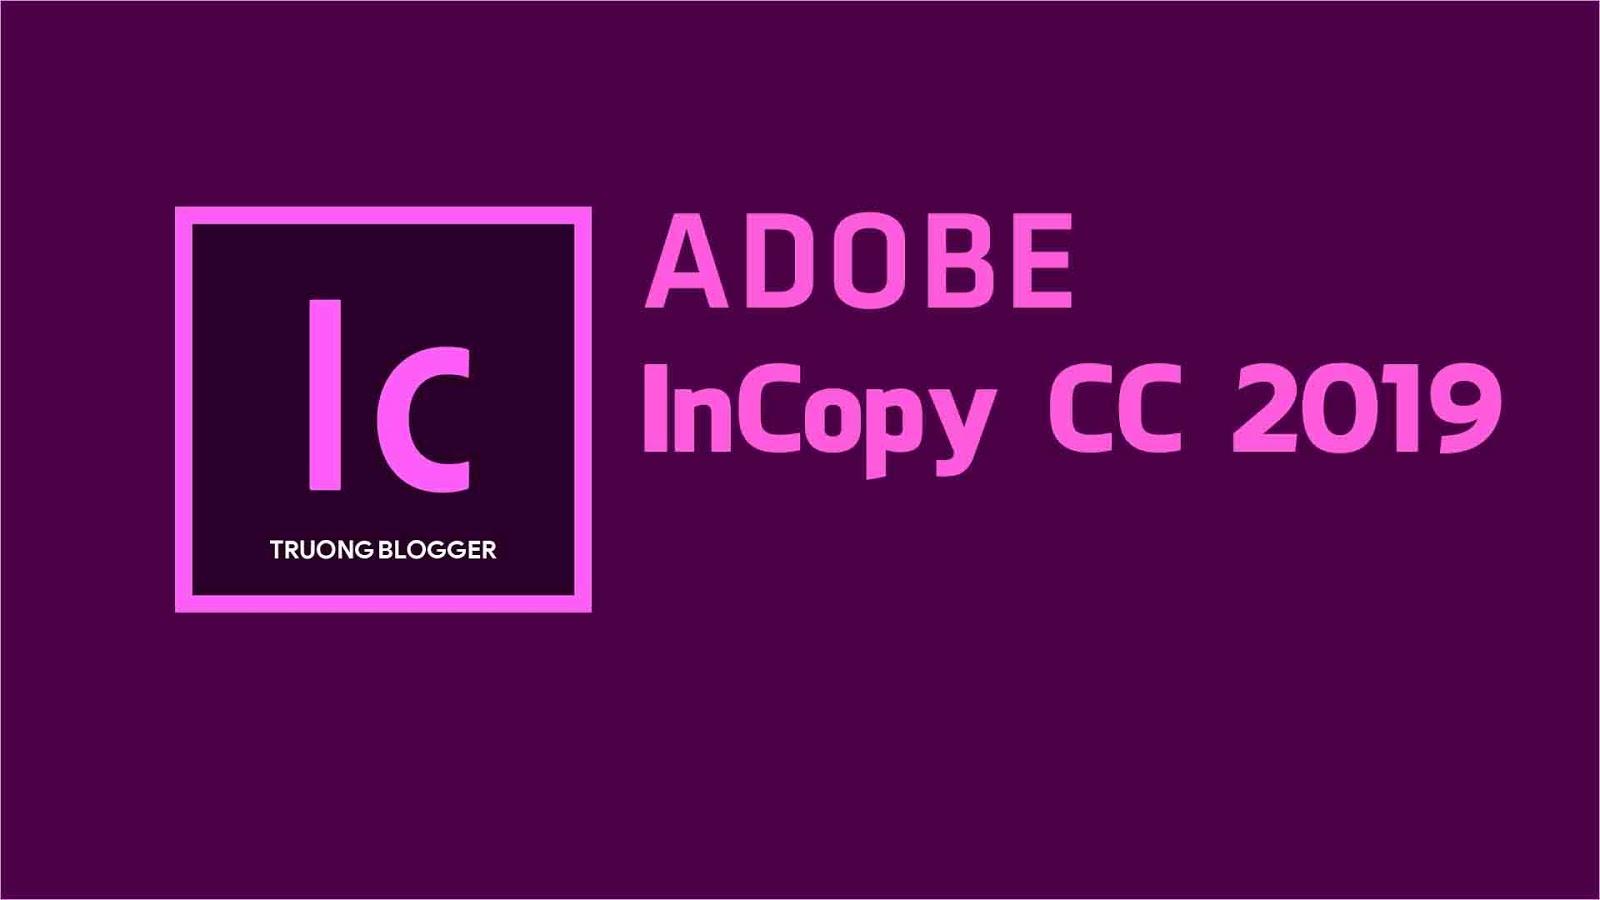 Download Adobe InCopy CC 2019 - Công cụ viết dành cho biên tập viên